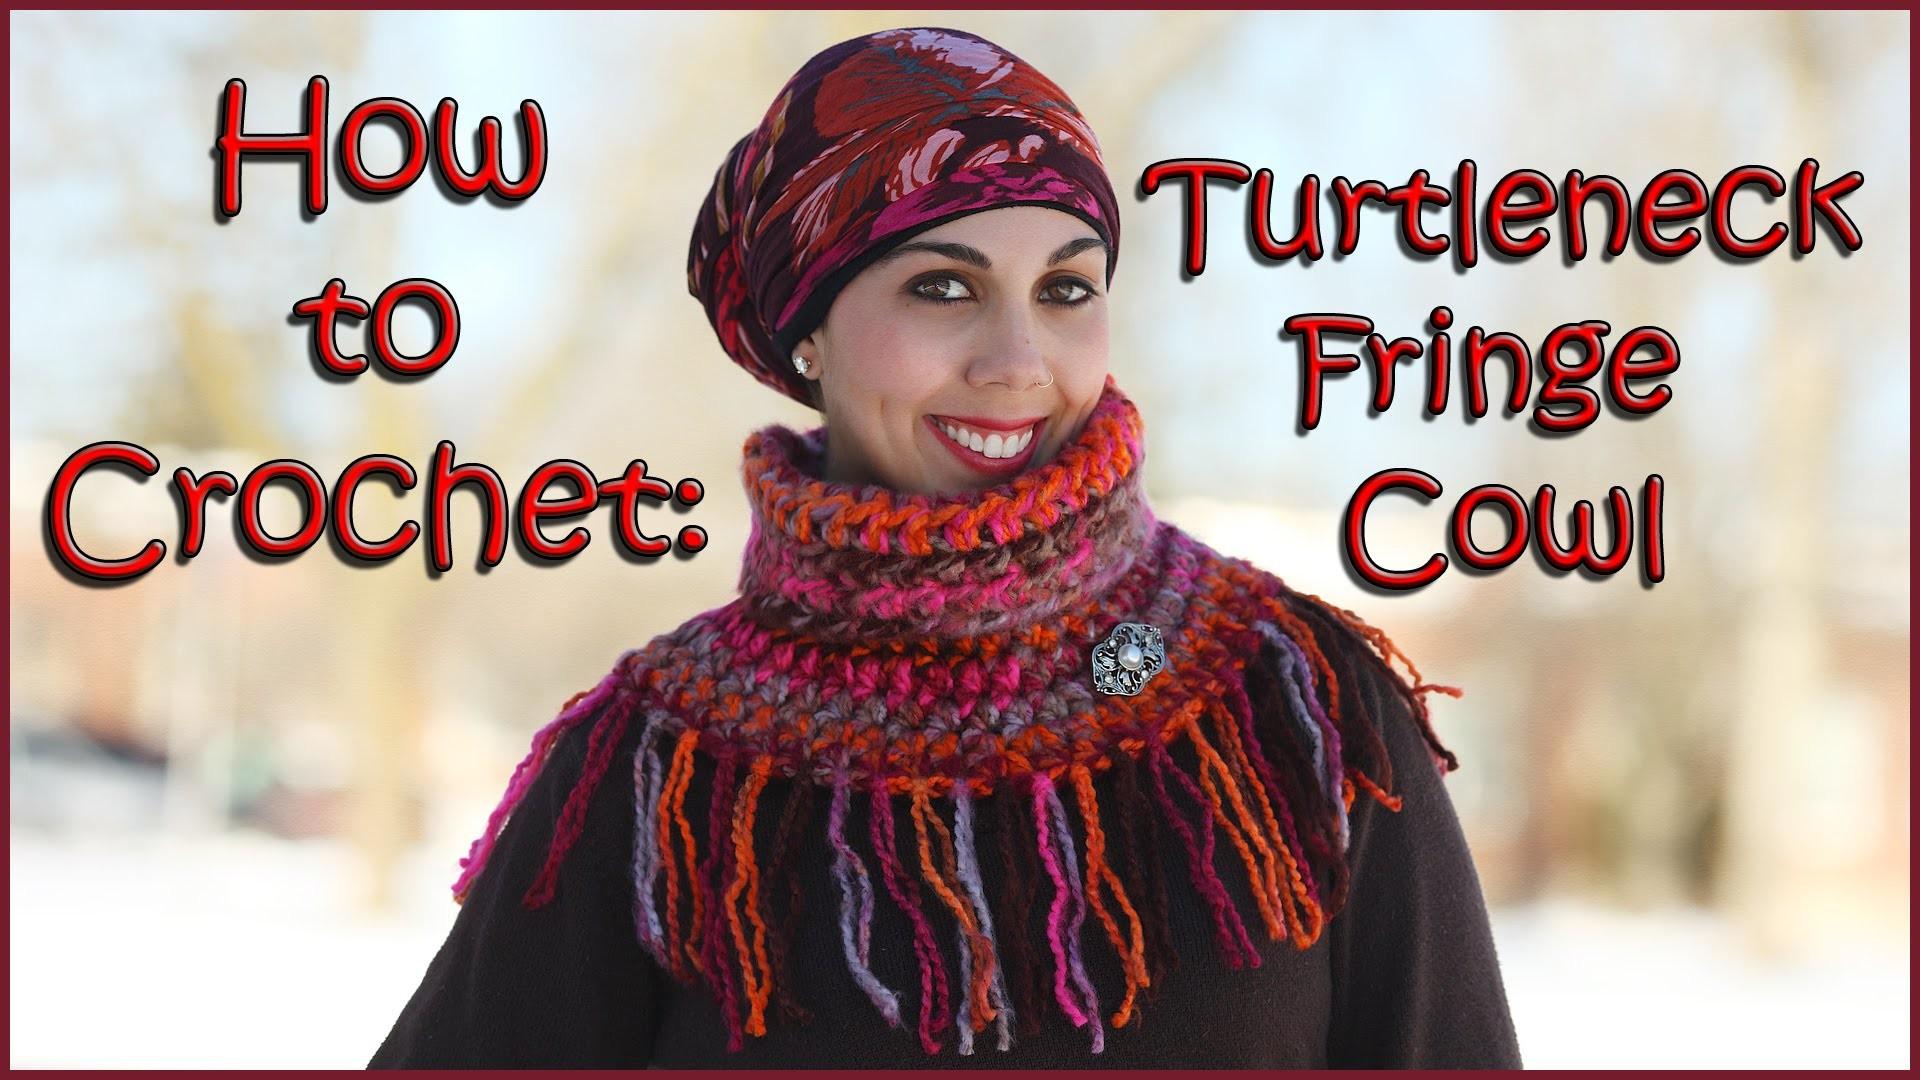 Turtleneck Fringe Cowl